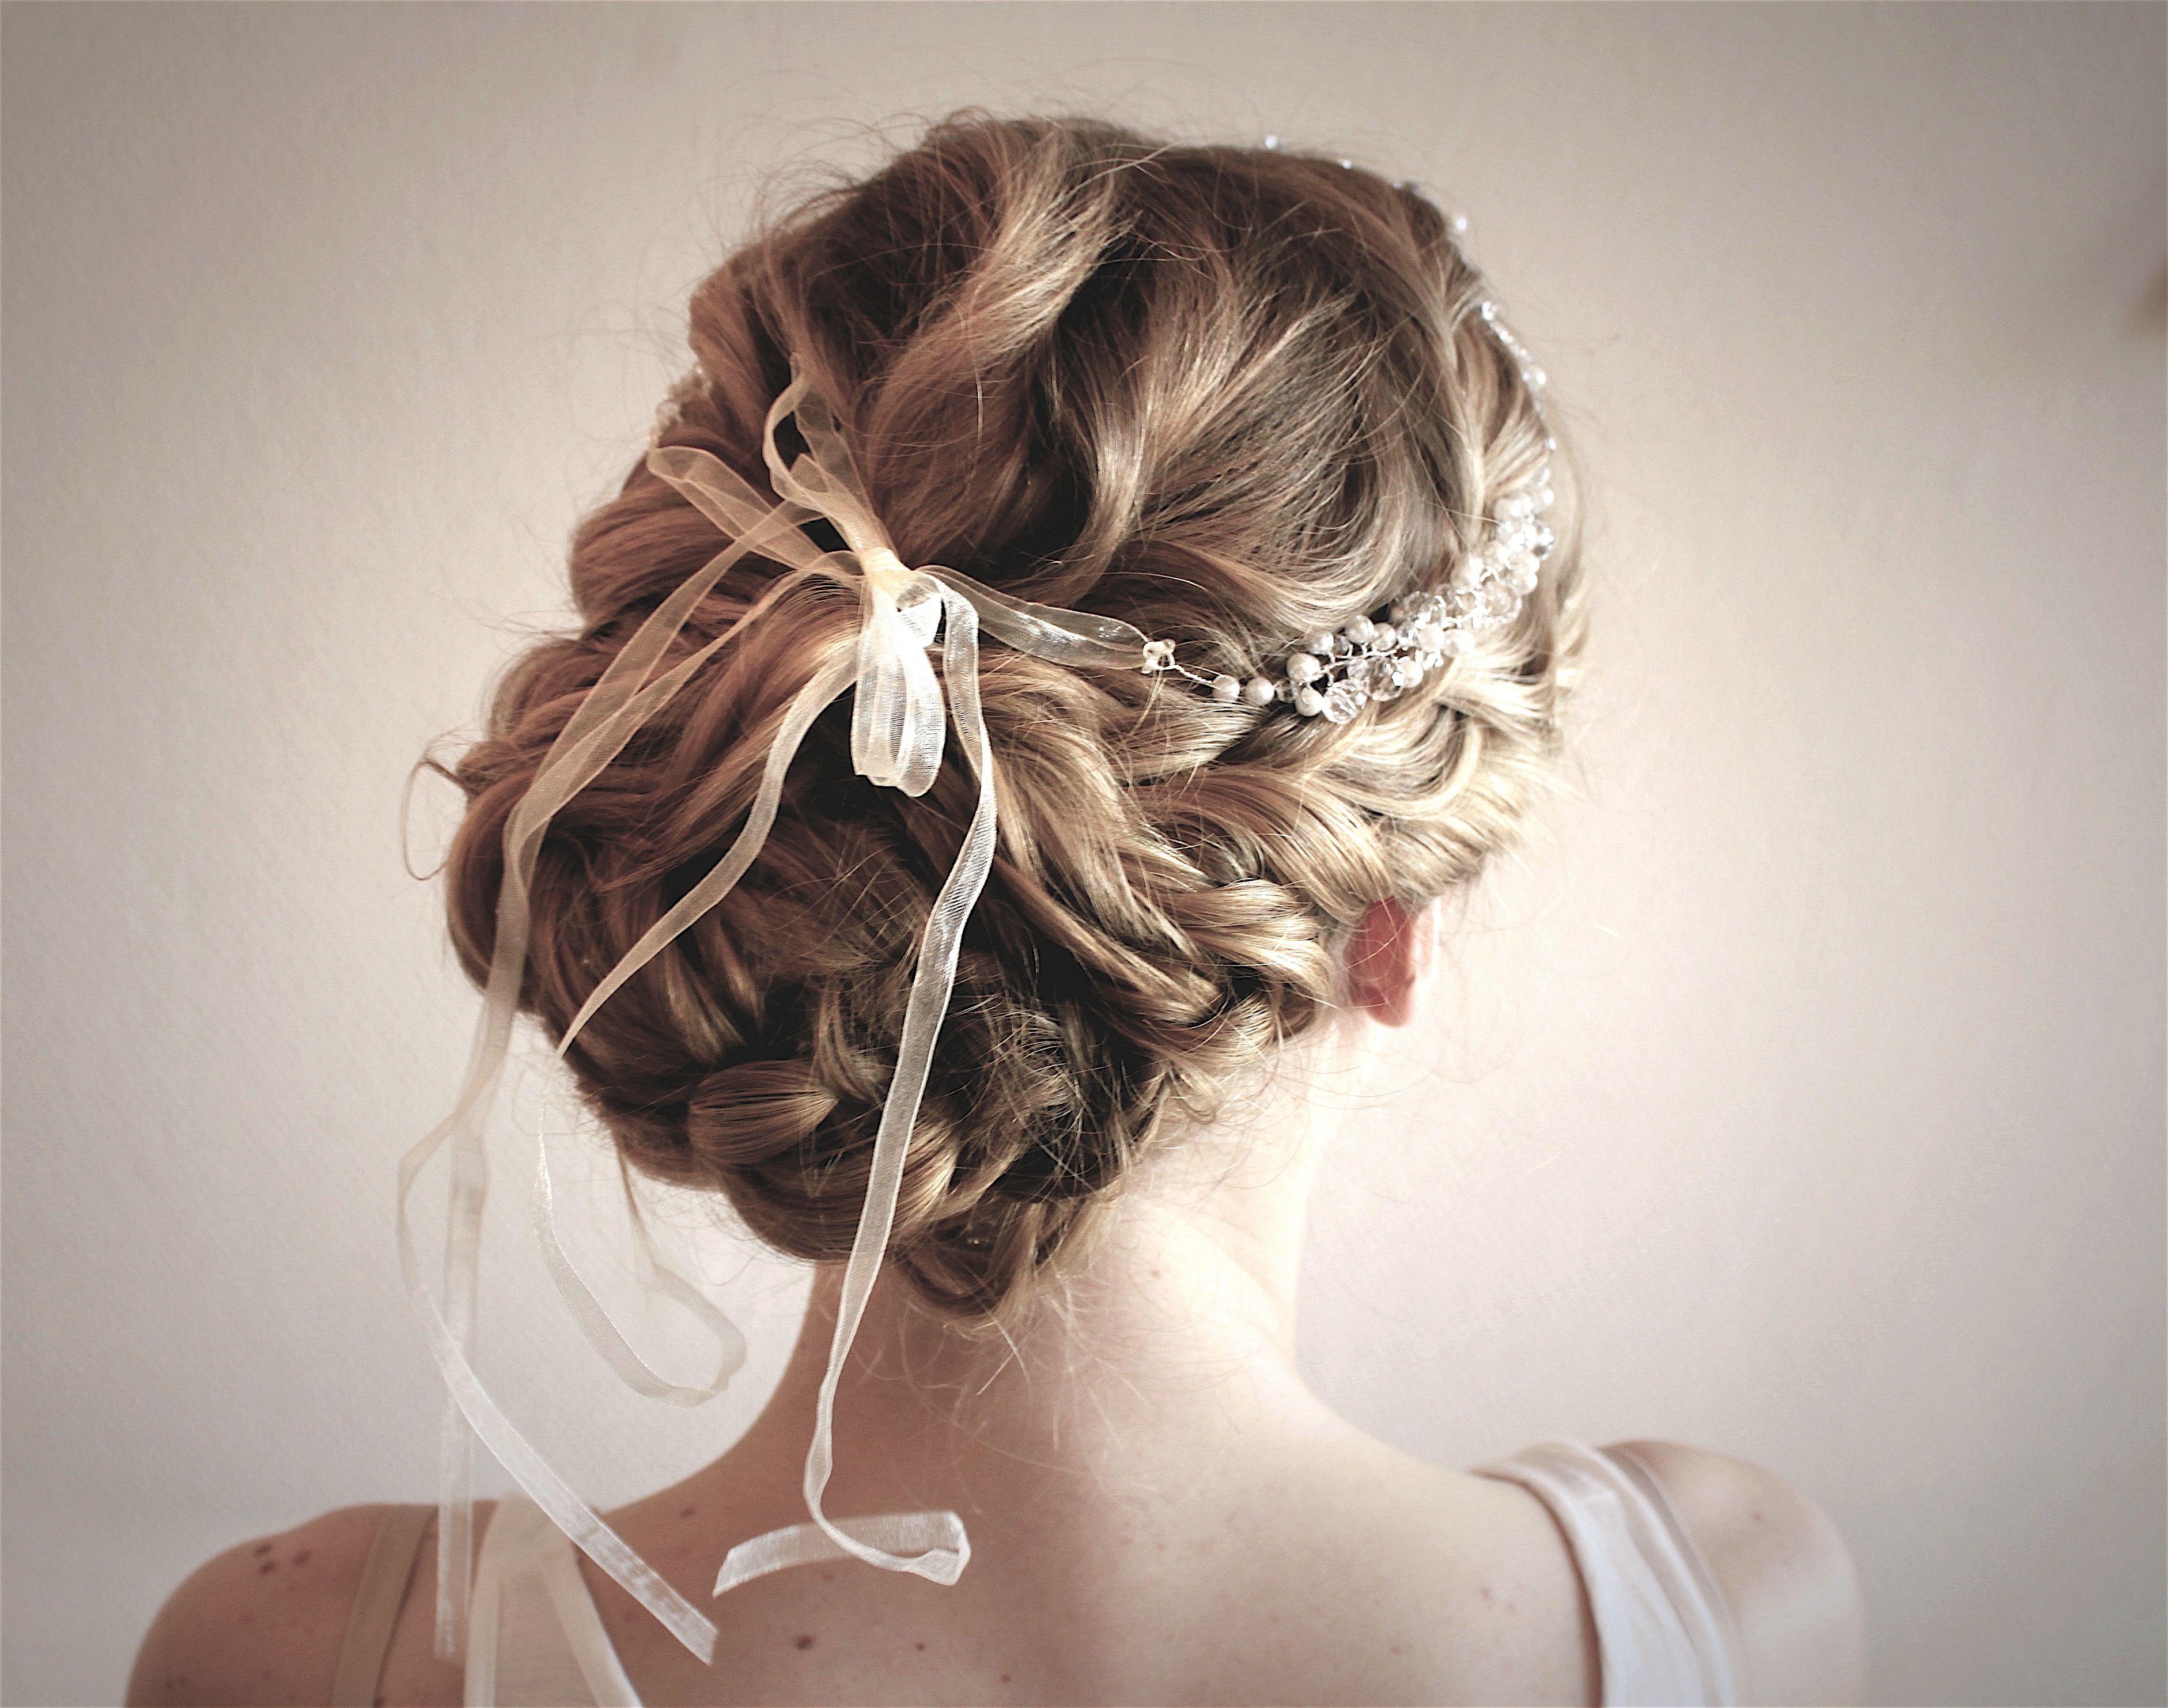 Updo hairstyle weddinghair Brautfrisur mit Haarschmuck im Haar